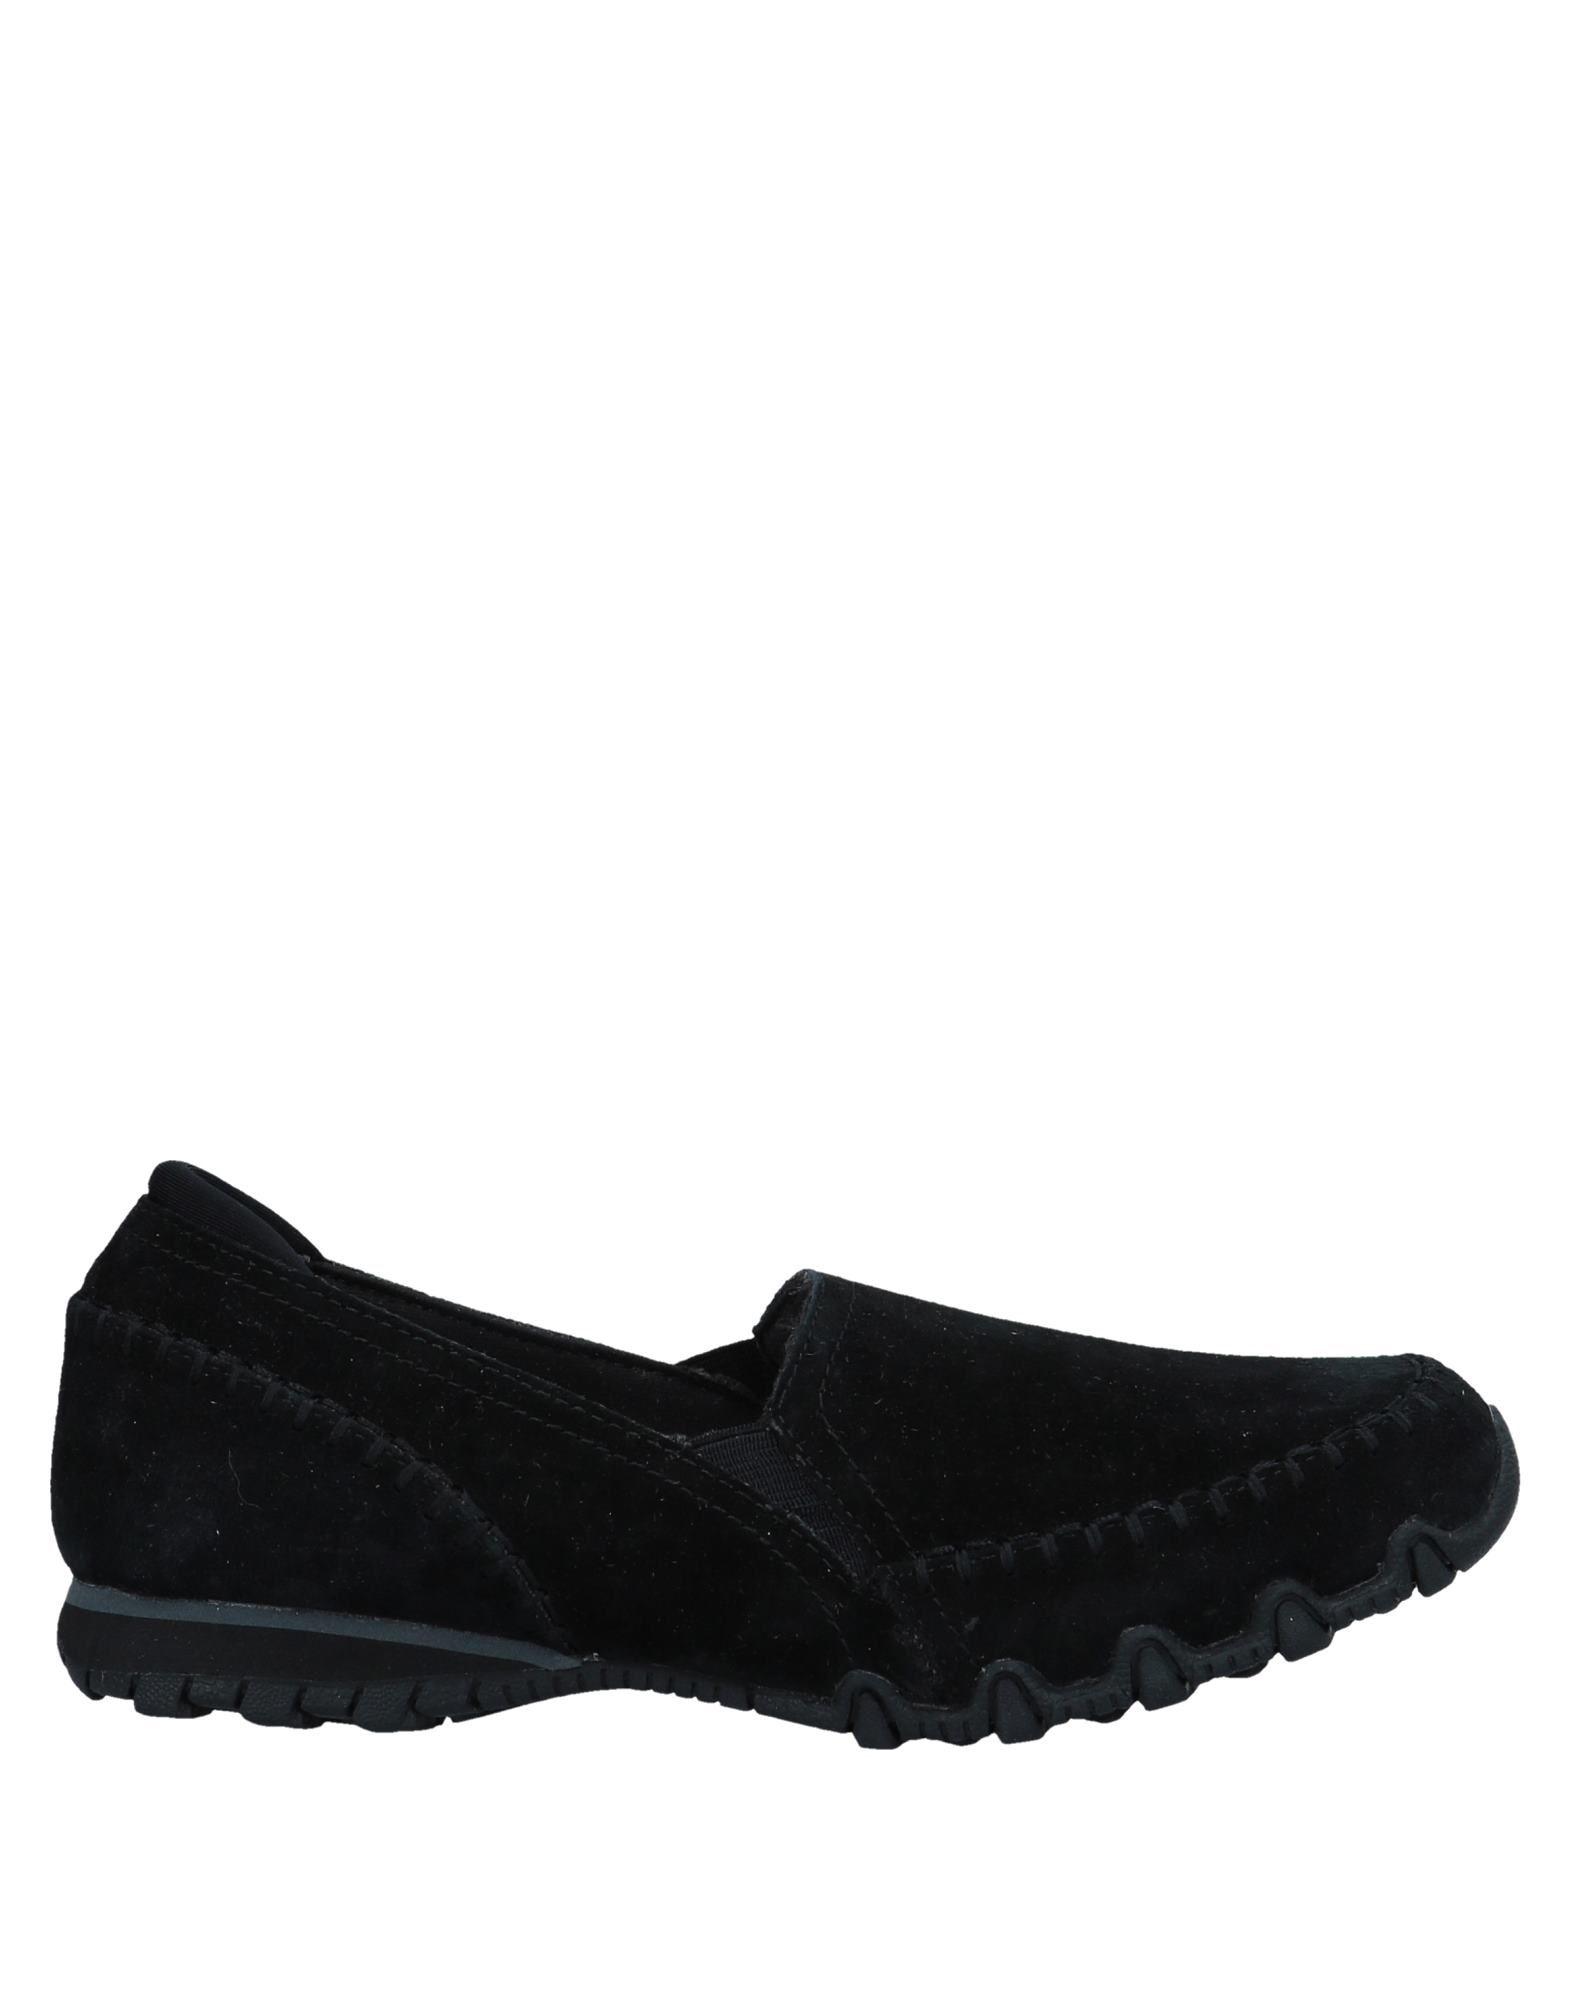 Skechers Mokassins Damen  11557357OP Gute Qualität beliebte Schuhe